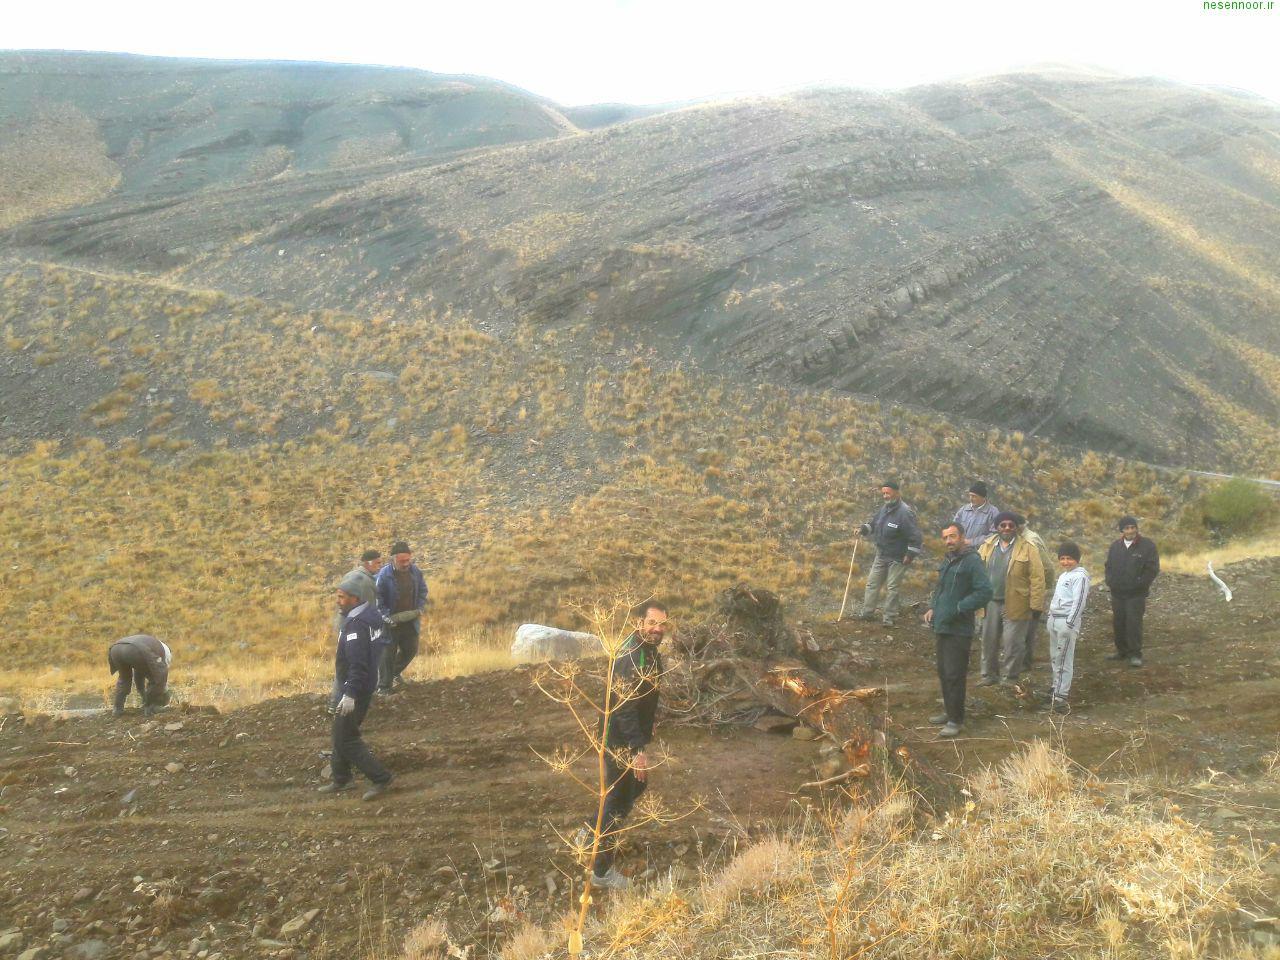 مسدود کردن راه معدن اکتشافی(فیلم +عکس)